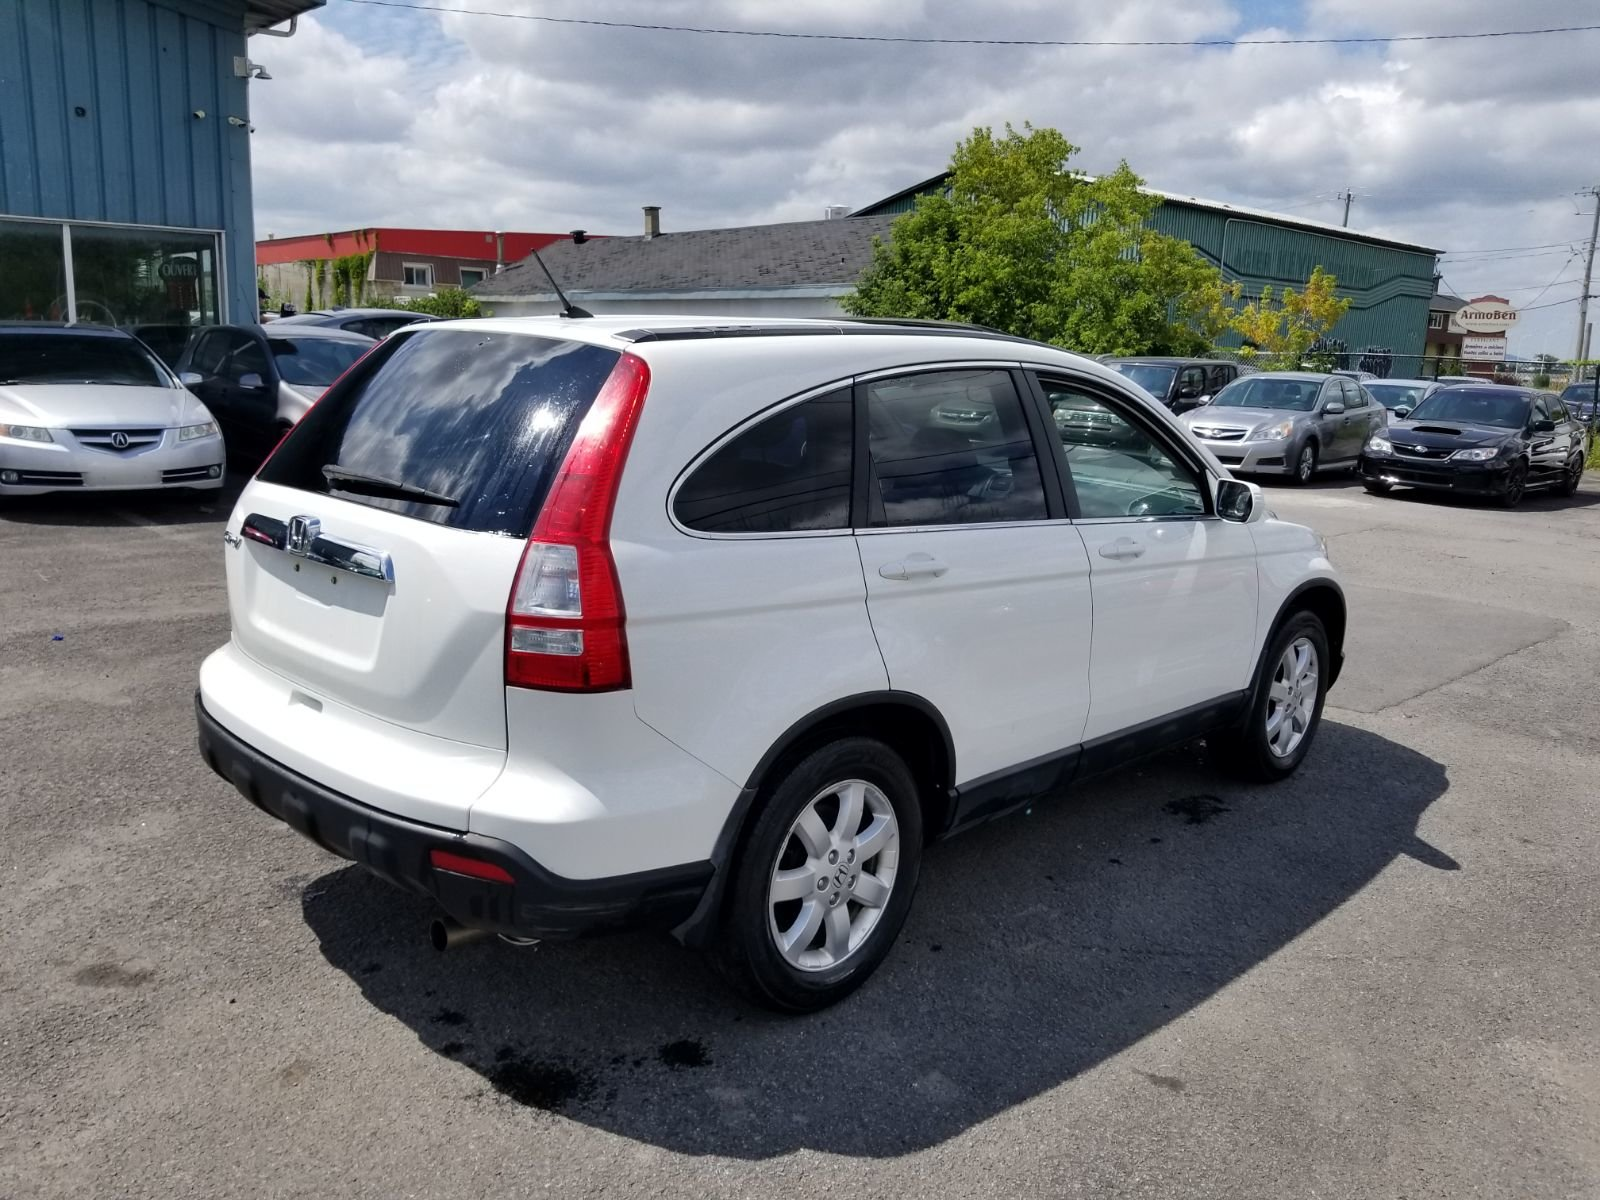 VENDU! HONDA CR-V 2008 EX-L à vendre à Beloeil